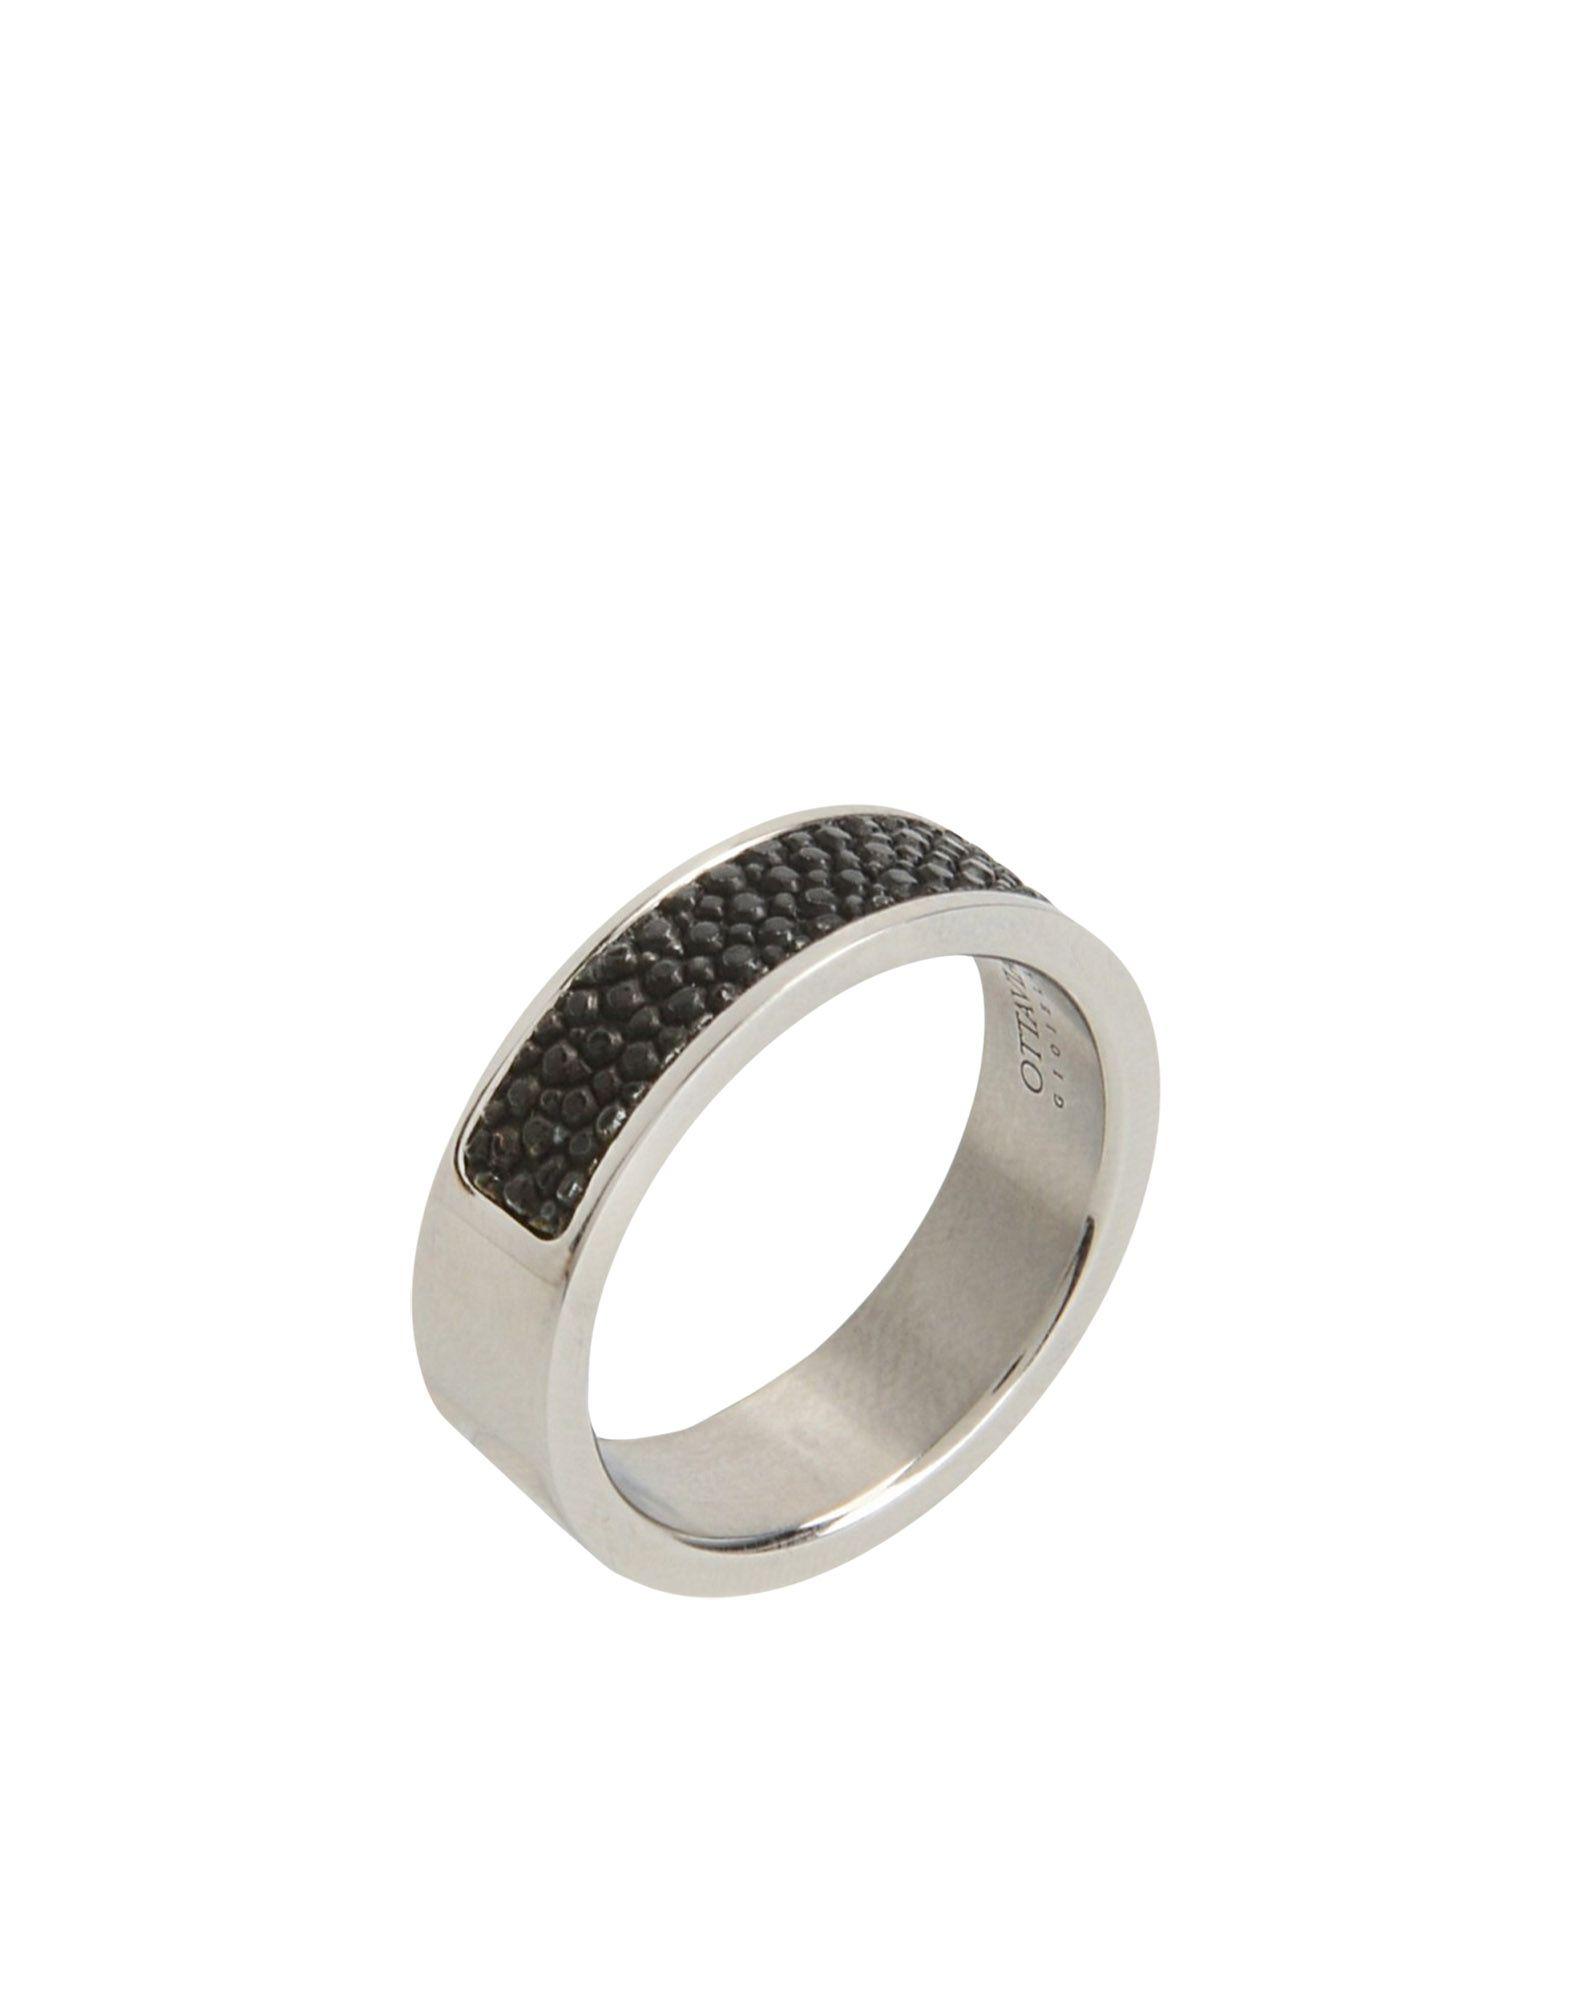 《送料無料》OTTAVIANI メンズ 指輪 シルバー one size ステンレススチール / 革